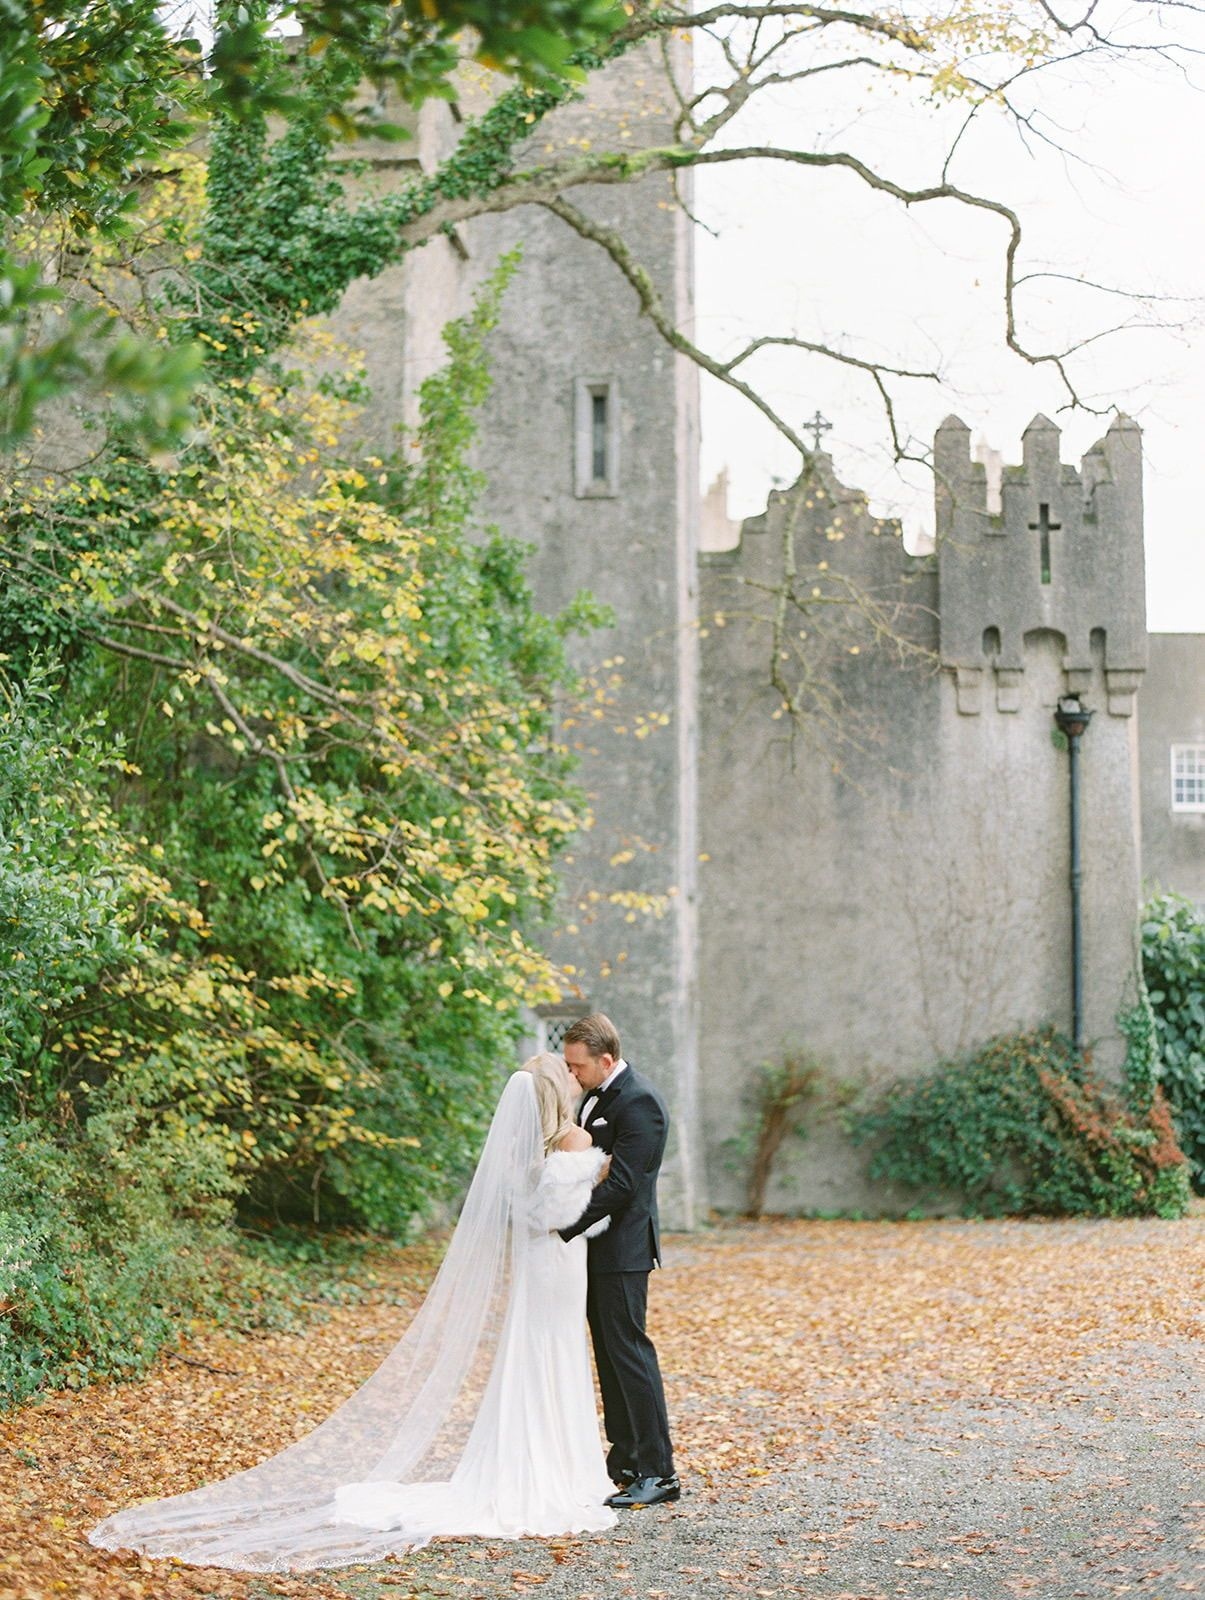 Destination Wedding in Ireland Luttrellstown Castle